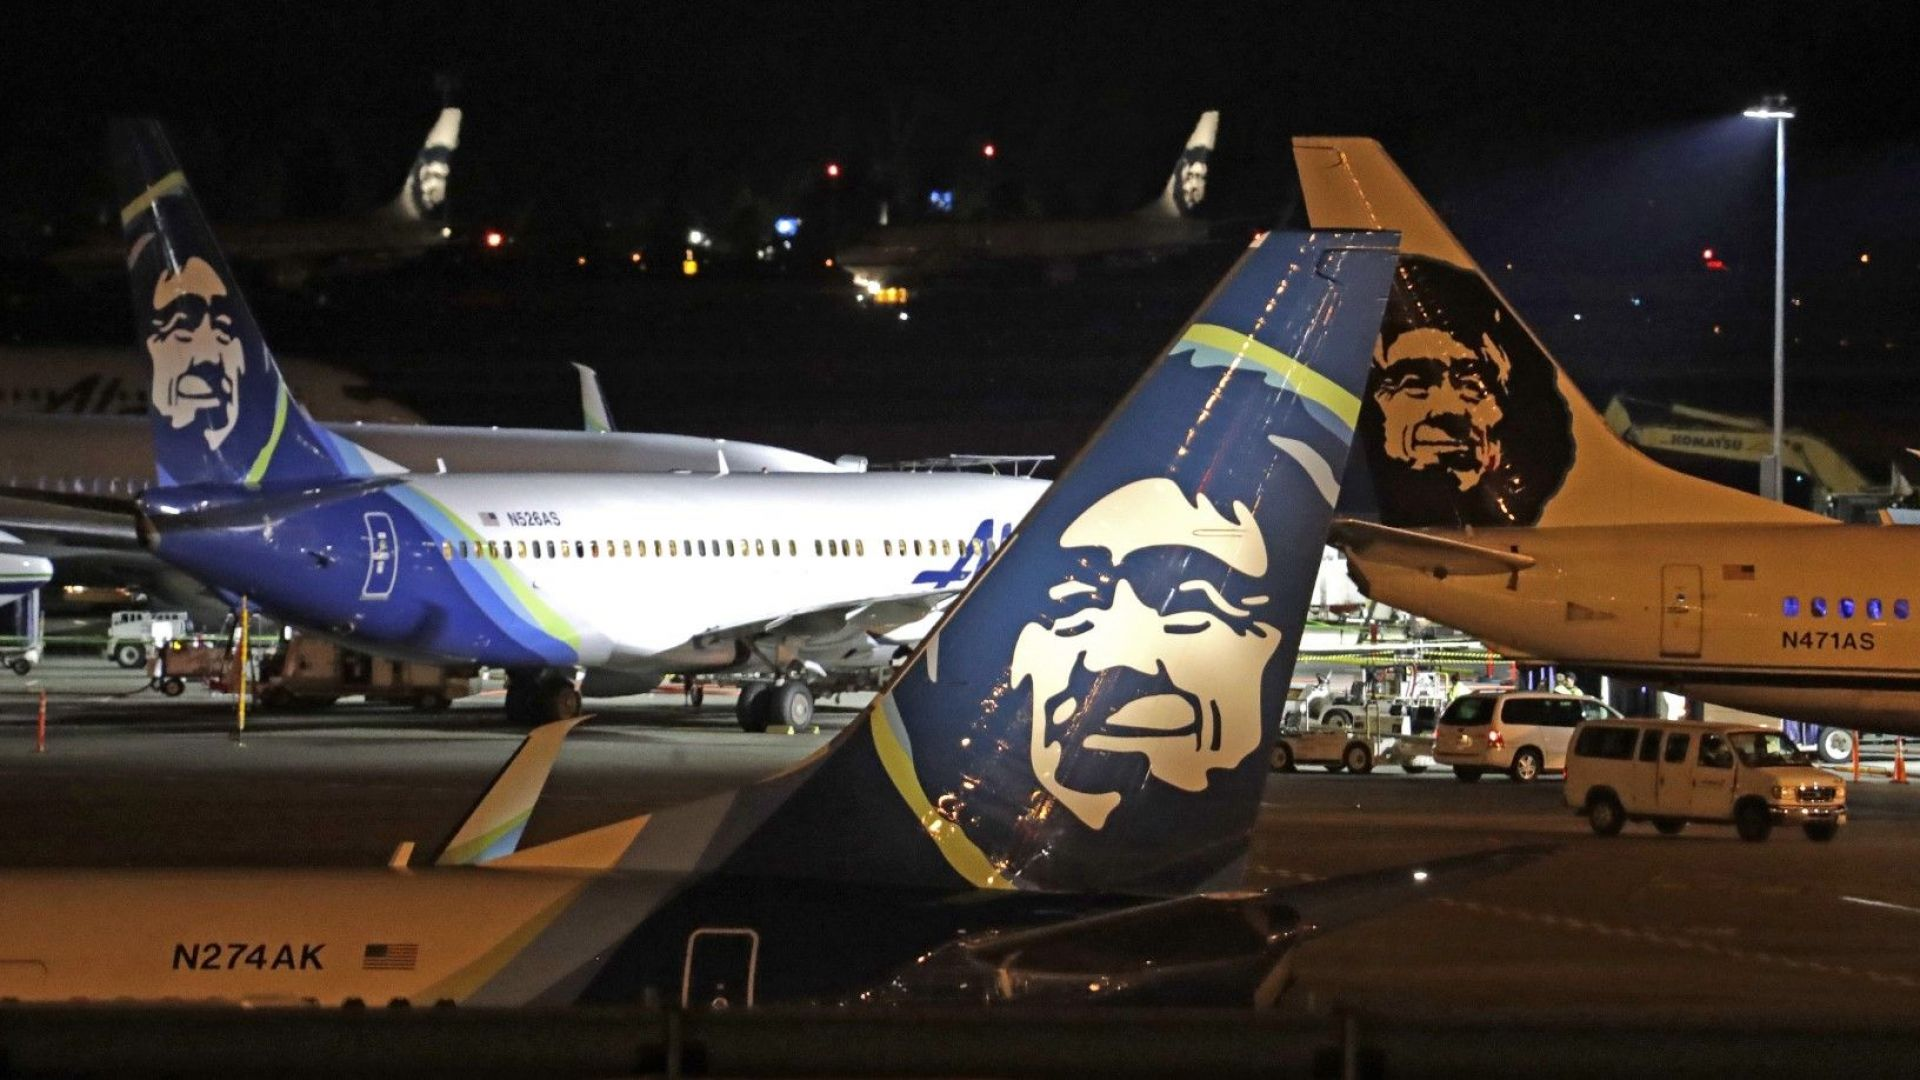 """""""Хлопат ми няколко дъски"""", казал на авиодиспечерите служителят, откраднал самолет"""